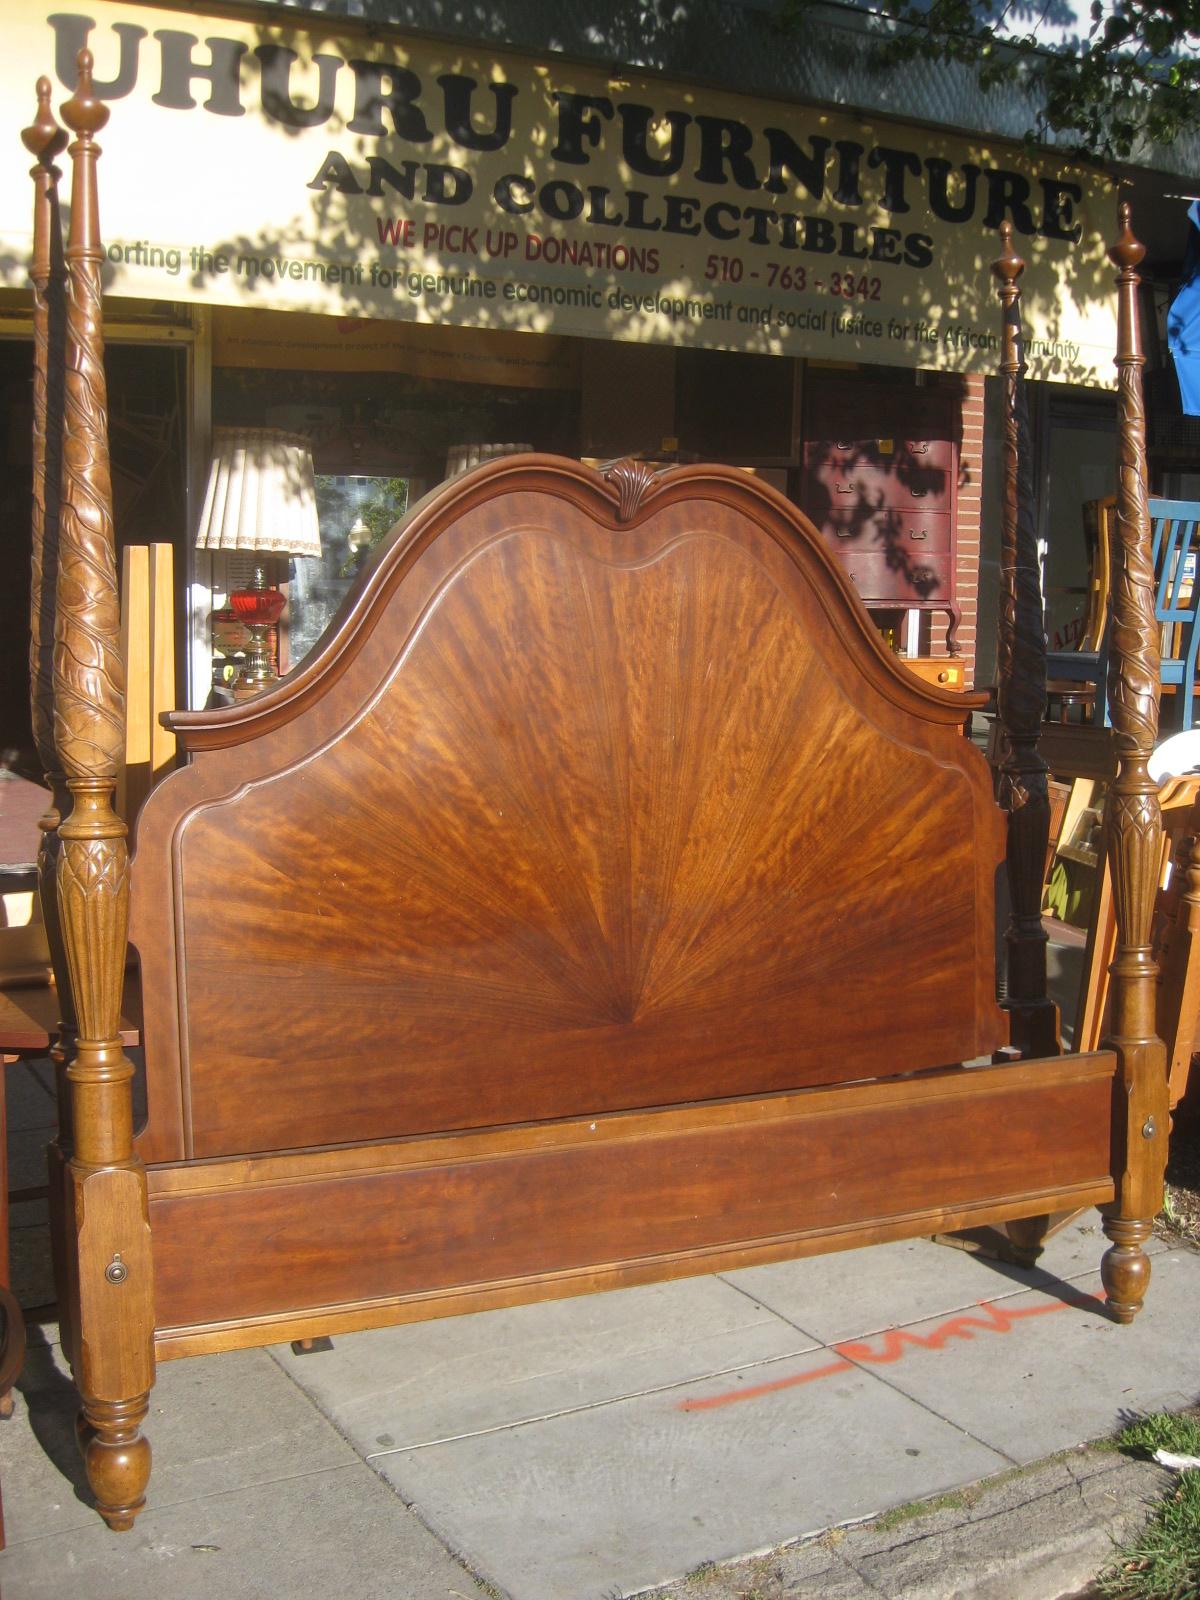 uhuru furniture collectibles sold eastern king bed frame 250. Black Bedroom Furniture Sets. Home Design Ideas